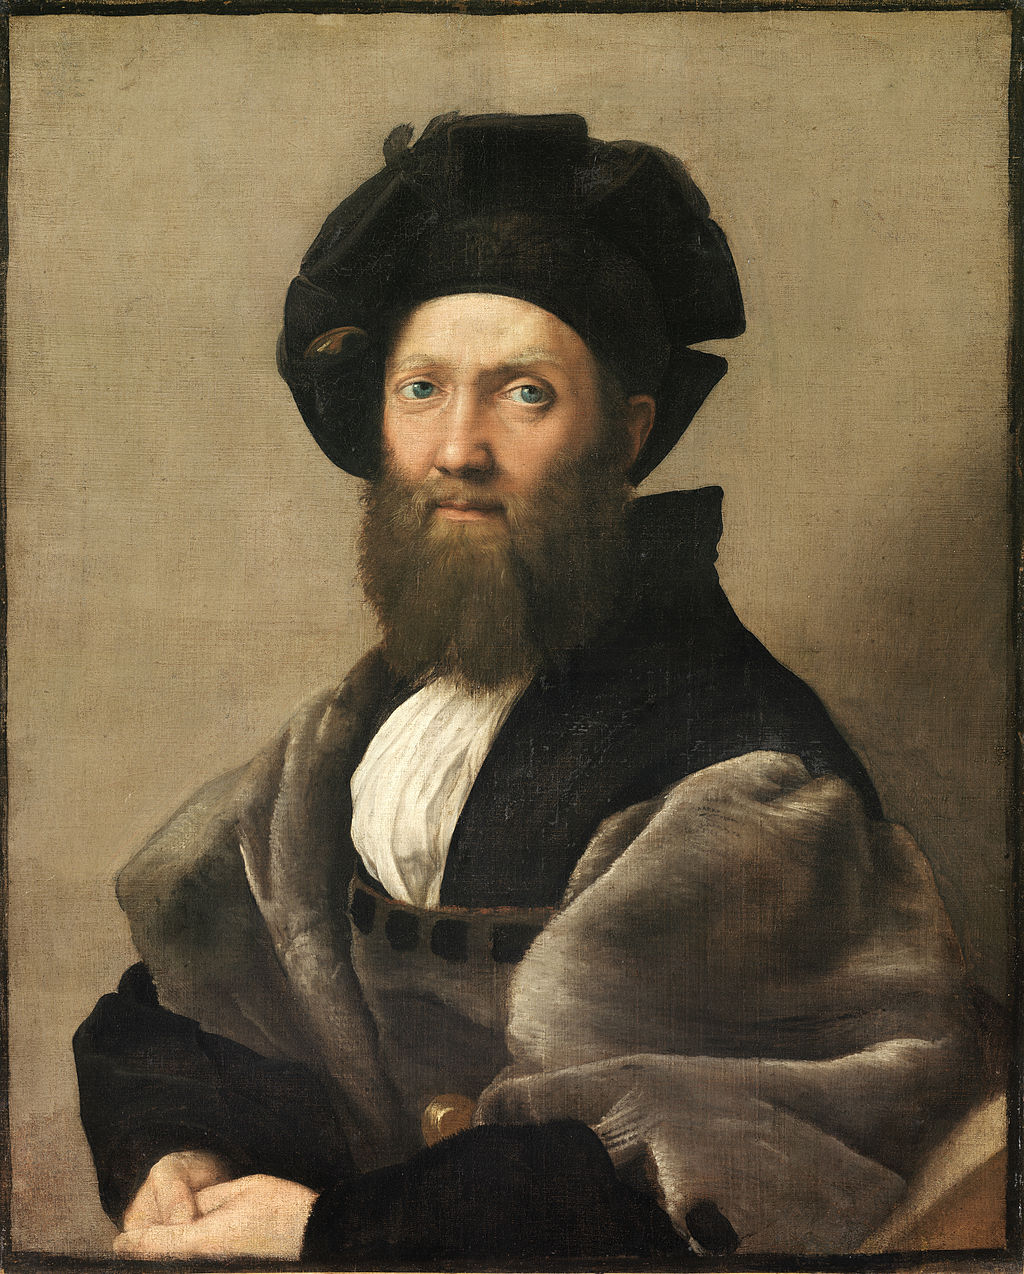 Raphael,  Portrait of Baldassare Castiglione , c. 1515. Louvre, Paris.